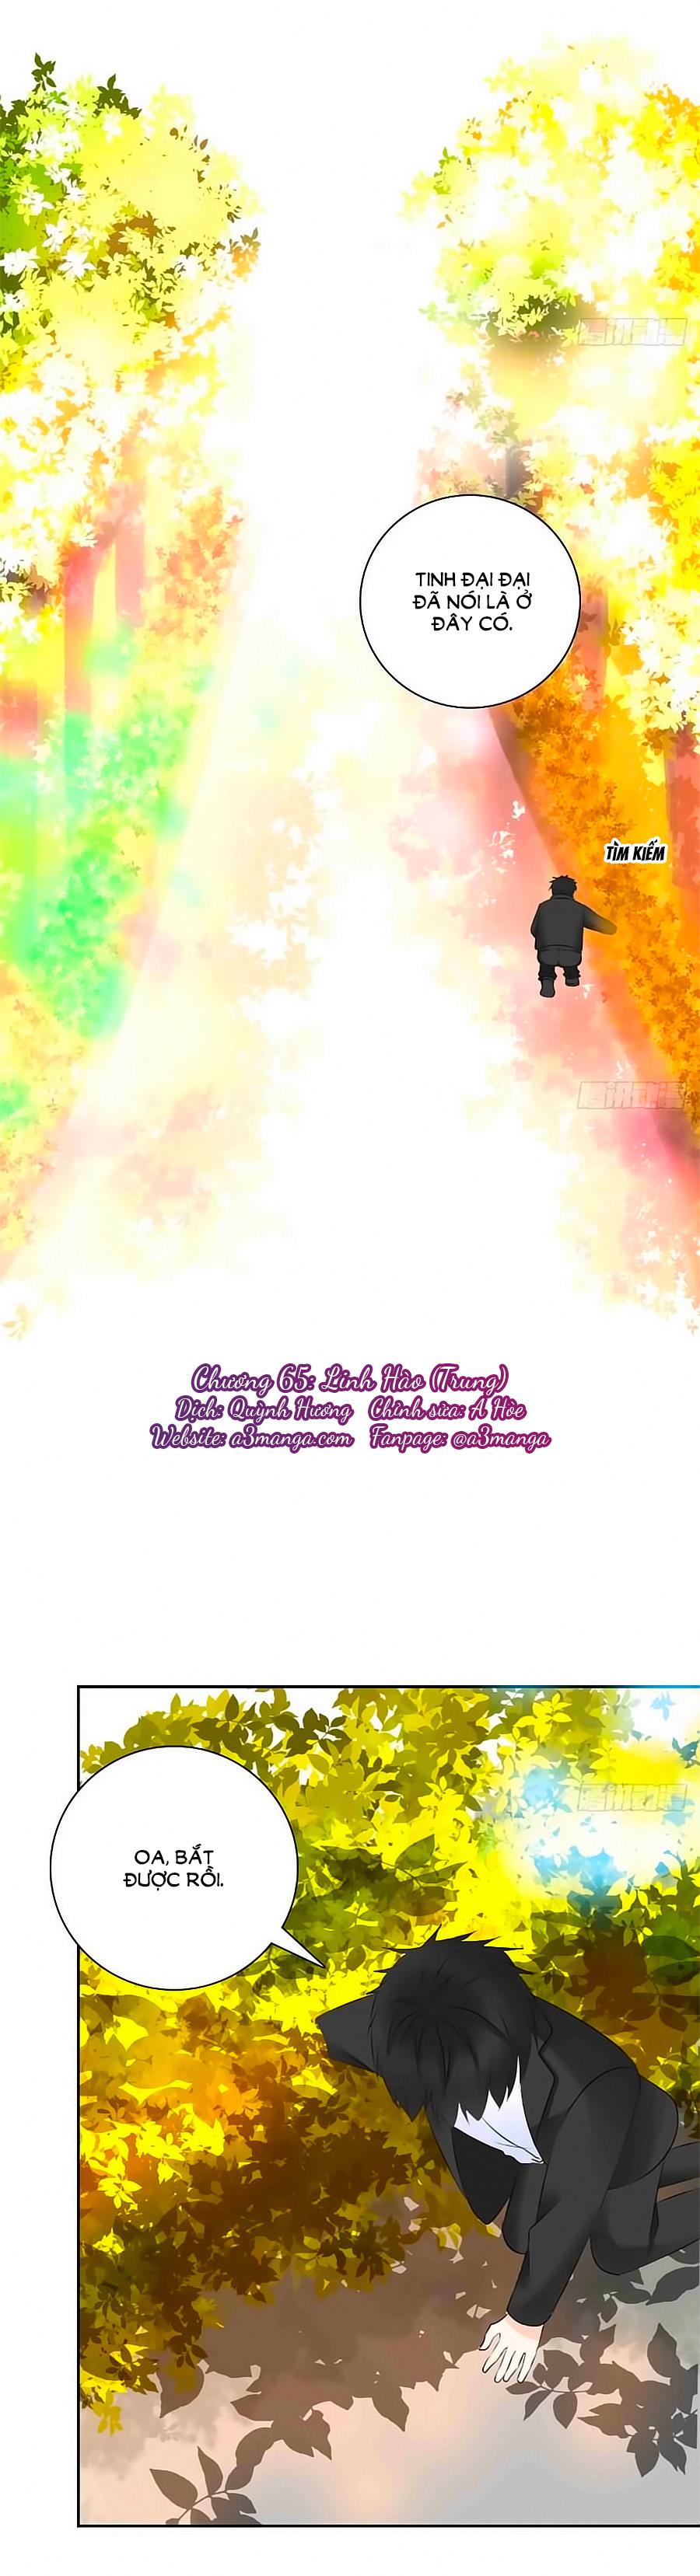 Công Chúa Nữ Vương Mệnh Chap 65 - Trang 1